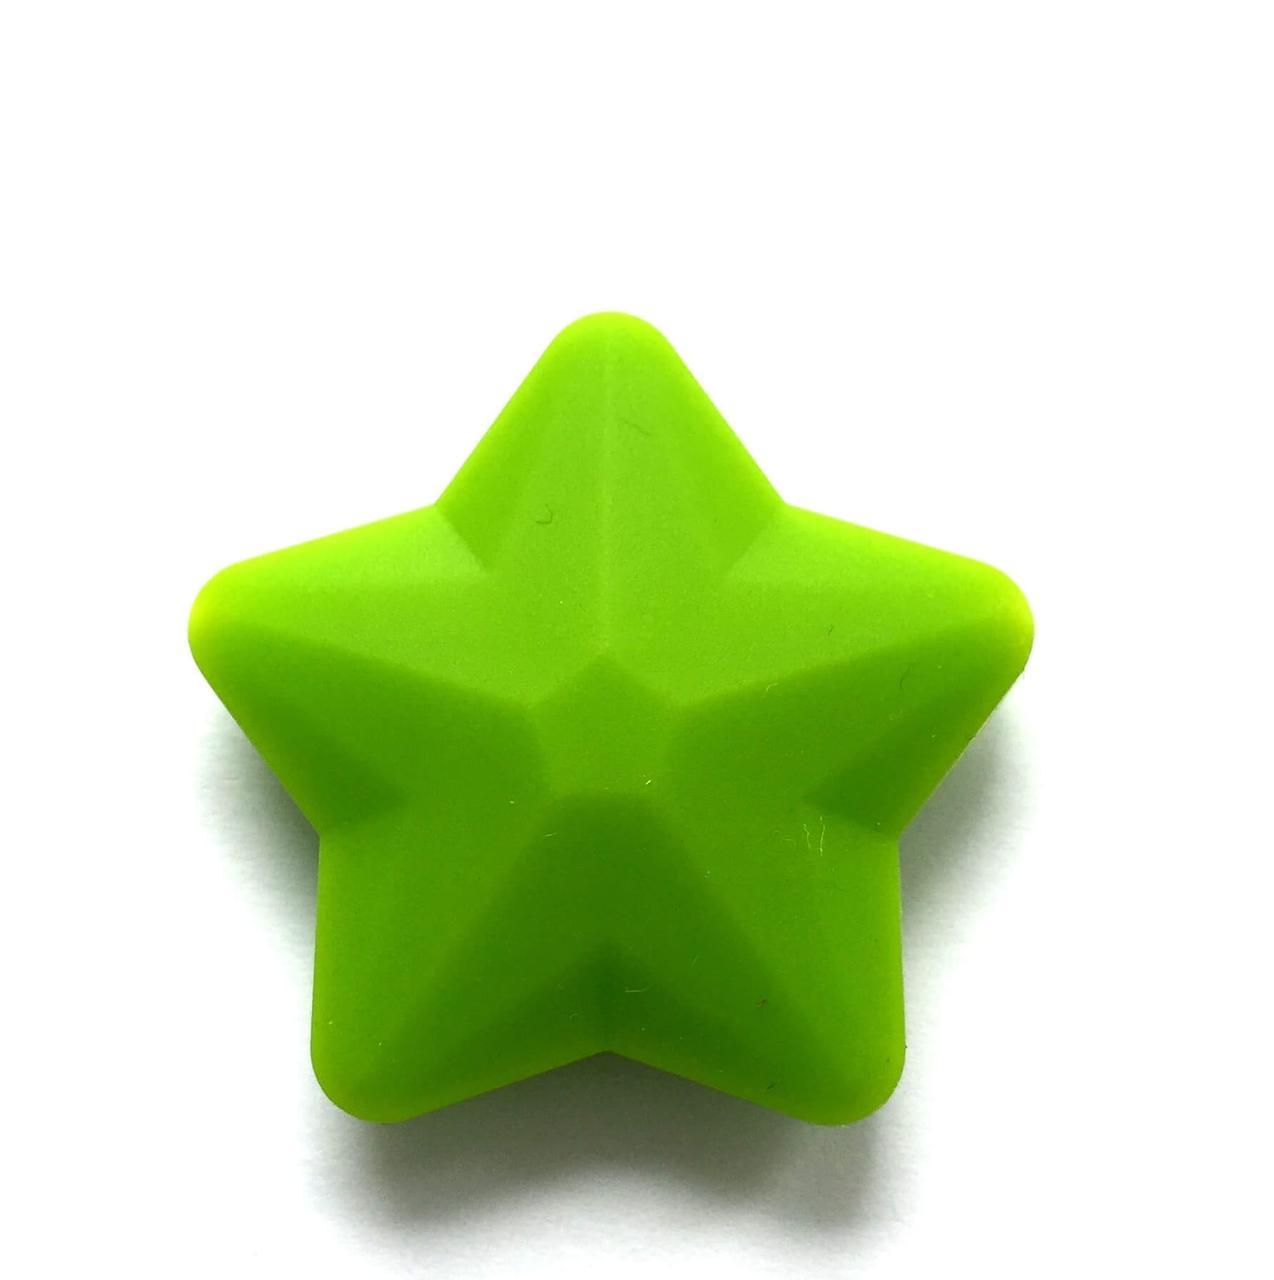 Звезда большая (зеленая) 45мм, силиконовые бусины